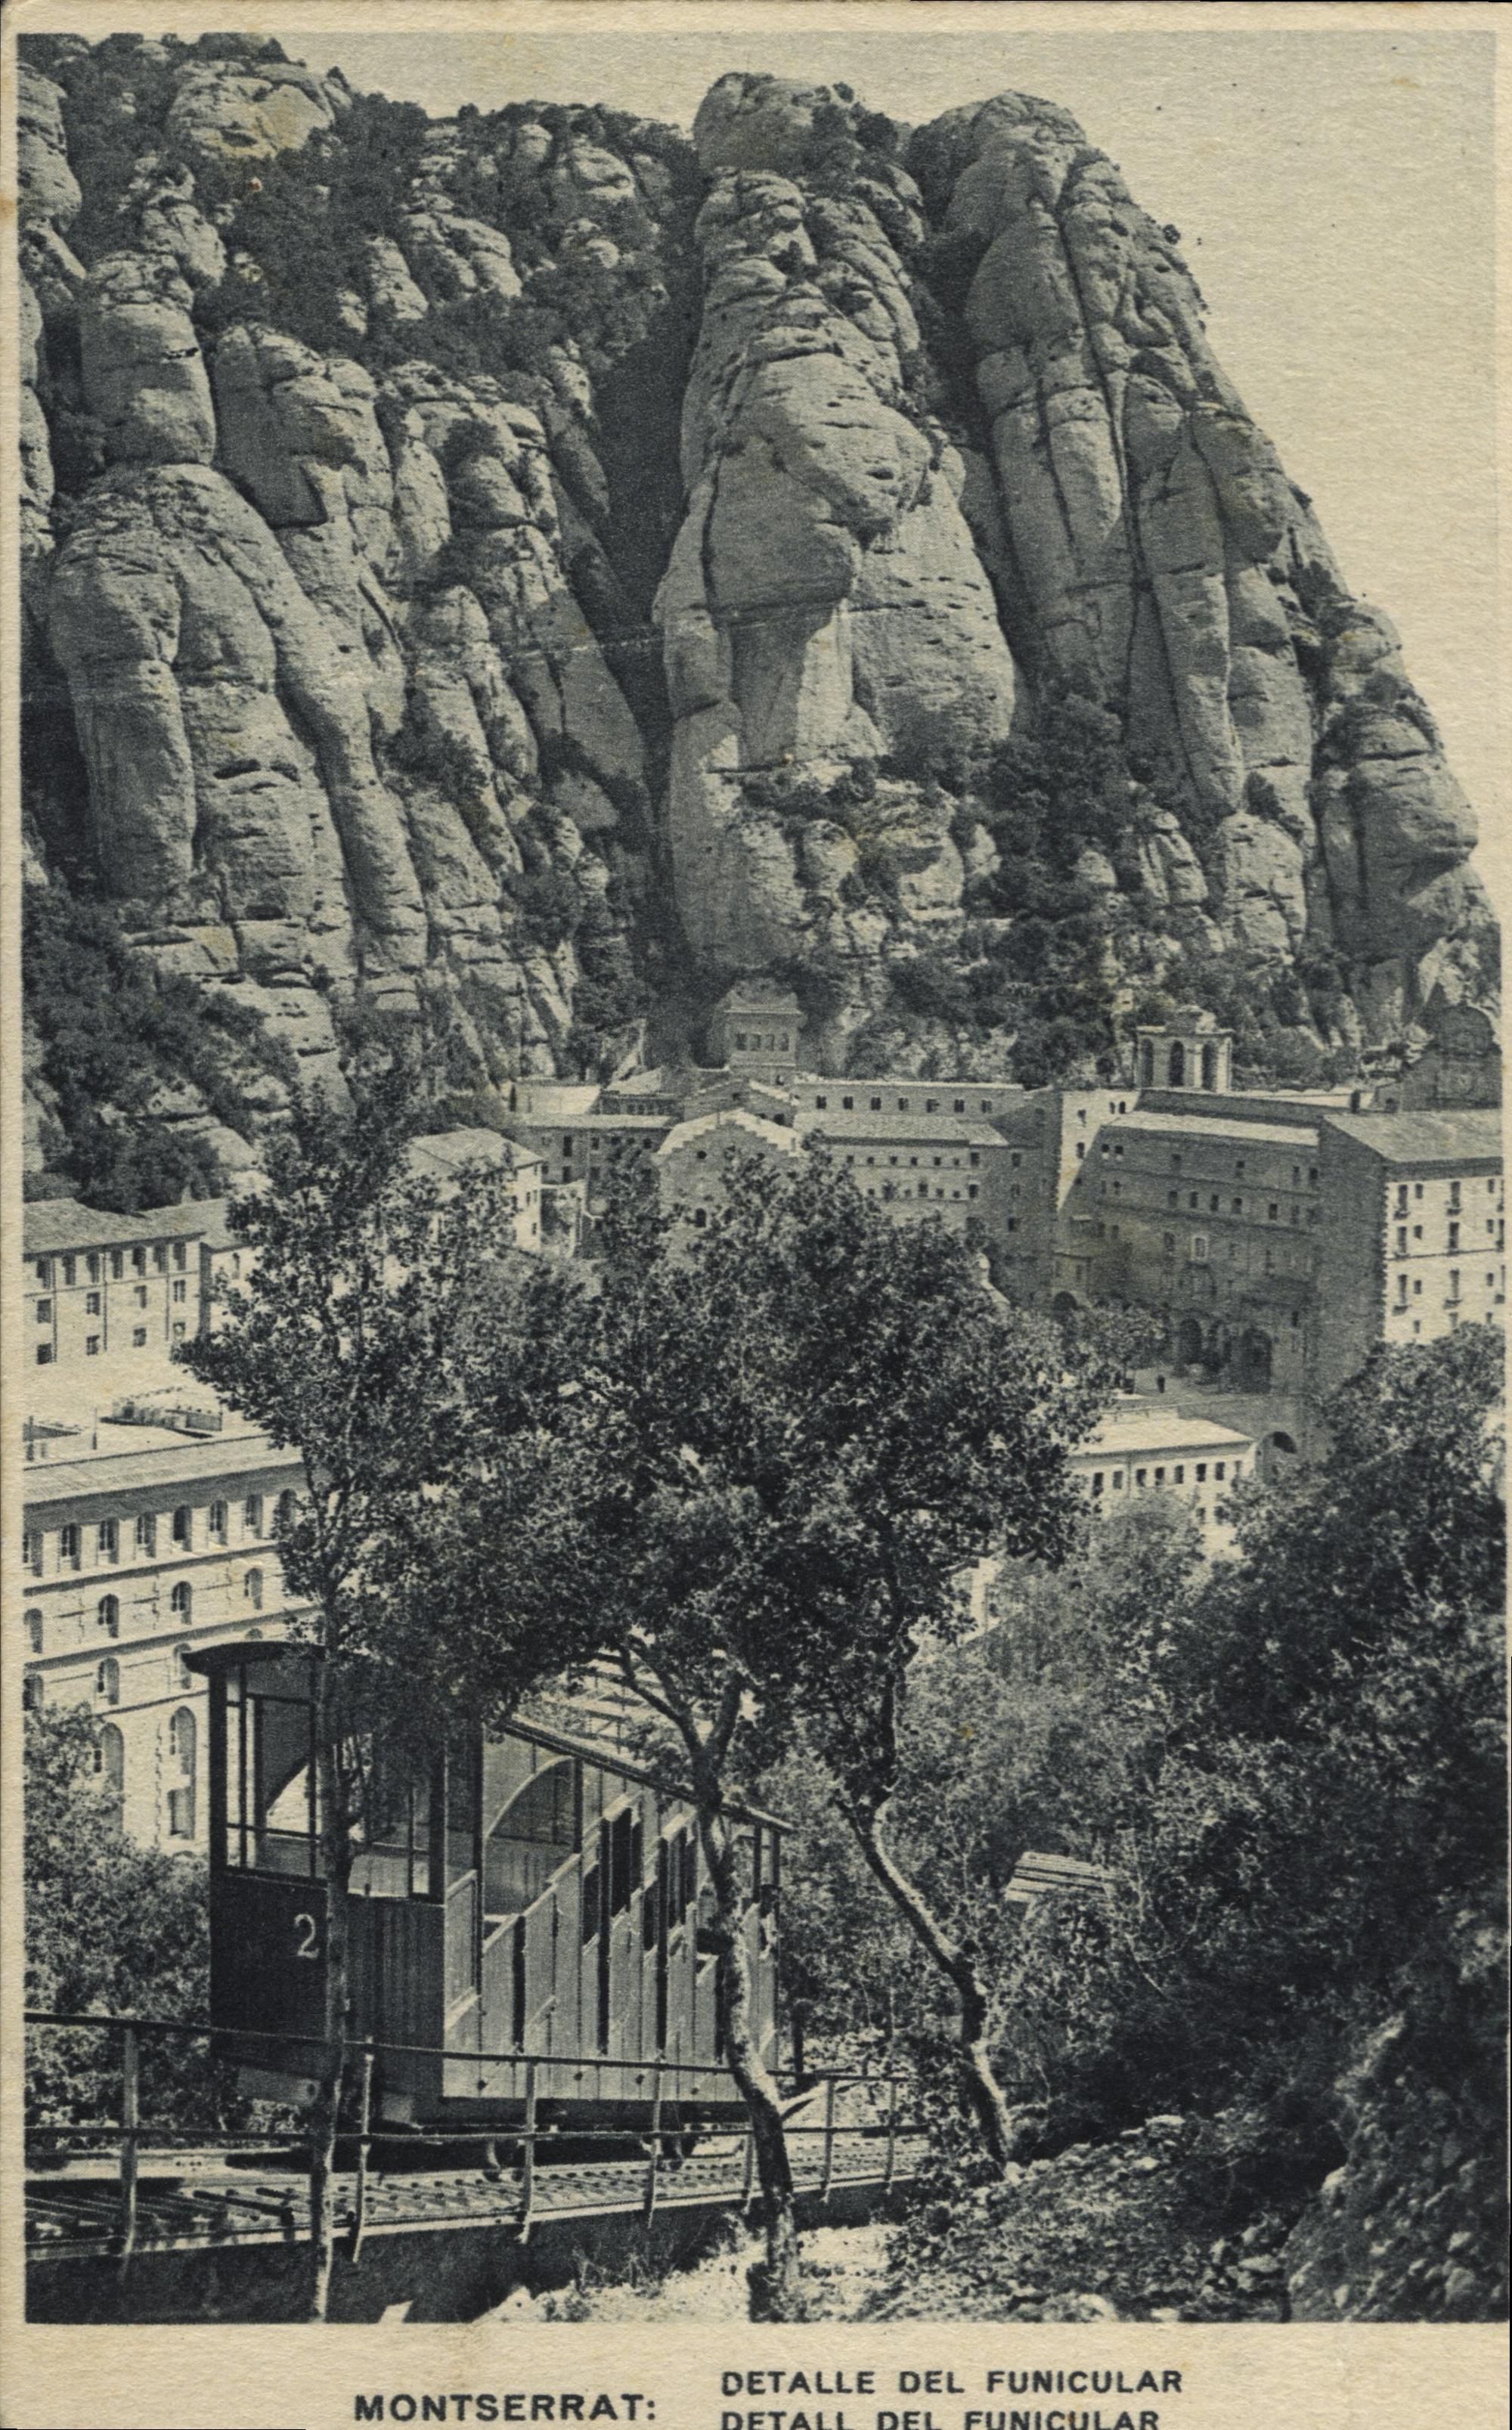 Montserrat album de postals 20101125132624774 girada girada